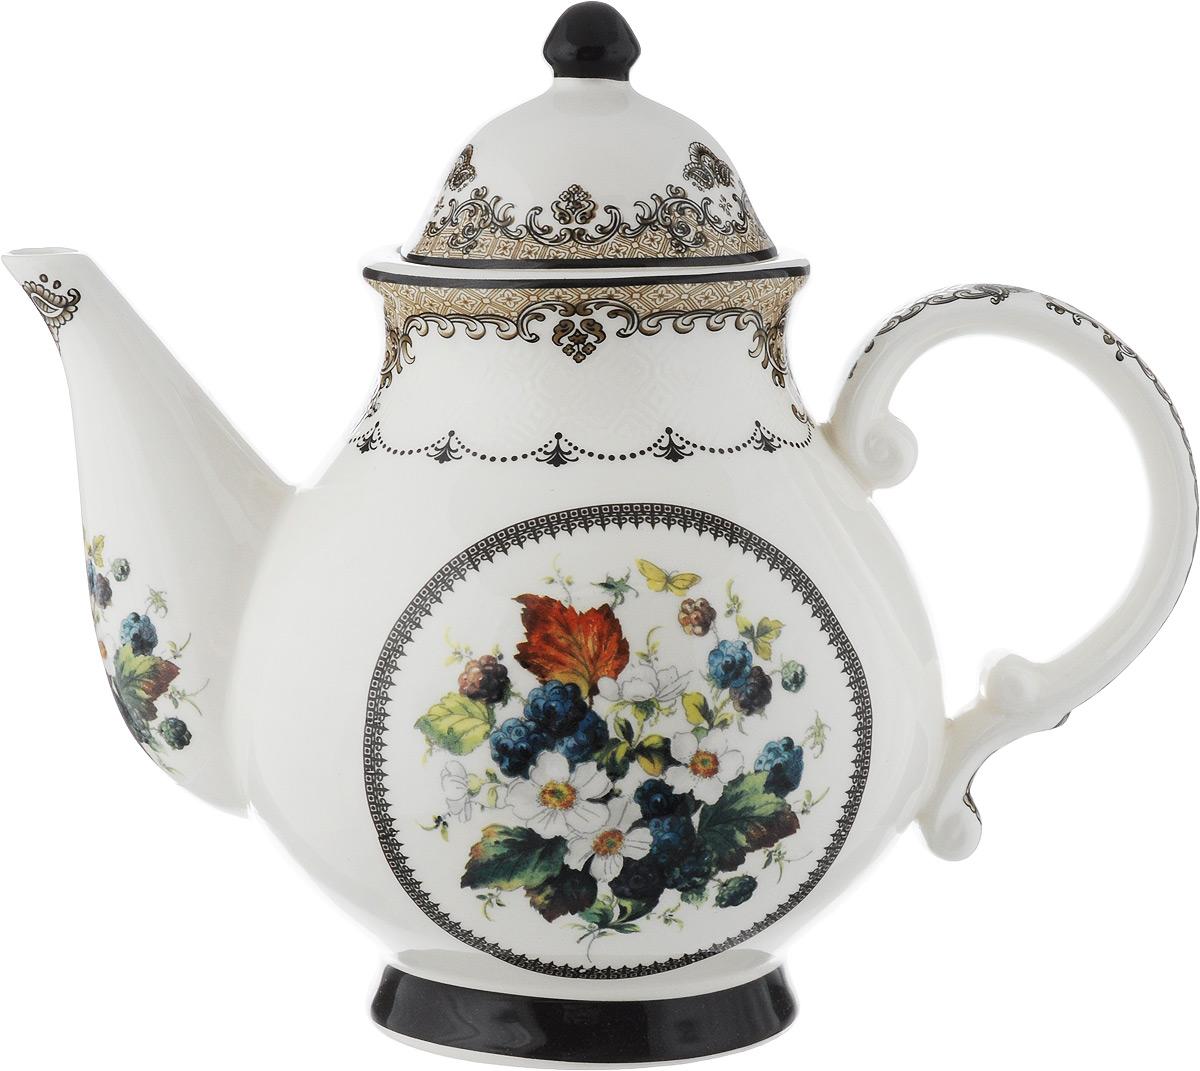 Чайник заварочный Lillo, 1,8 л1158F-АТМЗаварочный чайник Lillo, изготовленный из высококачественной керамики, прекрасно впишется в интерьер вашей кухни и станет достойным дополнением к кухонному инвентарю. Чайник, снабженный эргономичной крышкой и удобной ручкой. Чайник декорирован оригинальным рисунком. Заварочный чайник Lillo не только украсит ваш кухонный стол и подчеркнет прекрасный вкус хозяйки, но и станет отличным подарком. Высота (с учетом крышки): 22 см. Длина (с учетом носика и ручки): 26 см. Диаметр основания: 9 см. Диаметр чайника (по верхнему краю): 9,5 см.